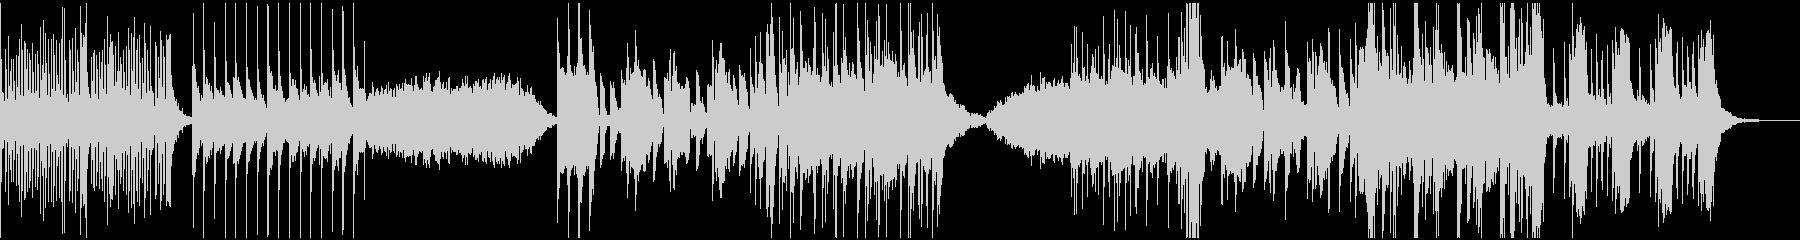 バイオリンをメインとしたエレクトリックの未再生の波形